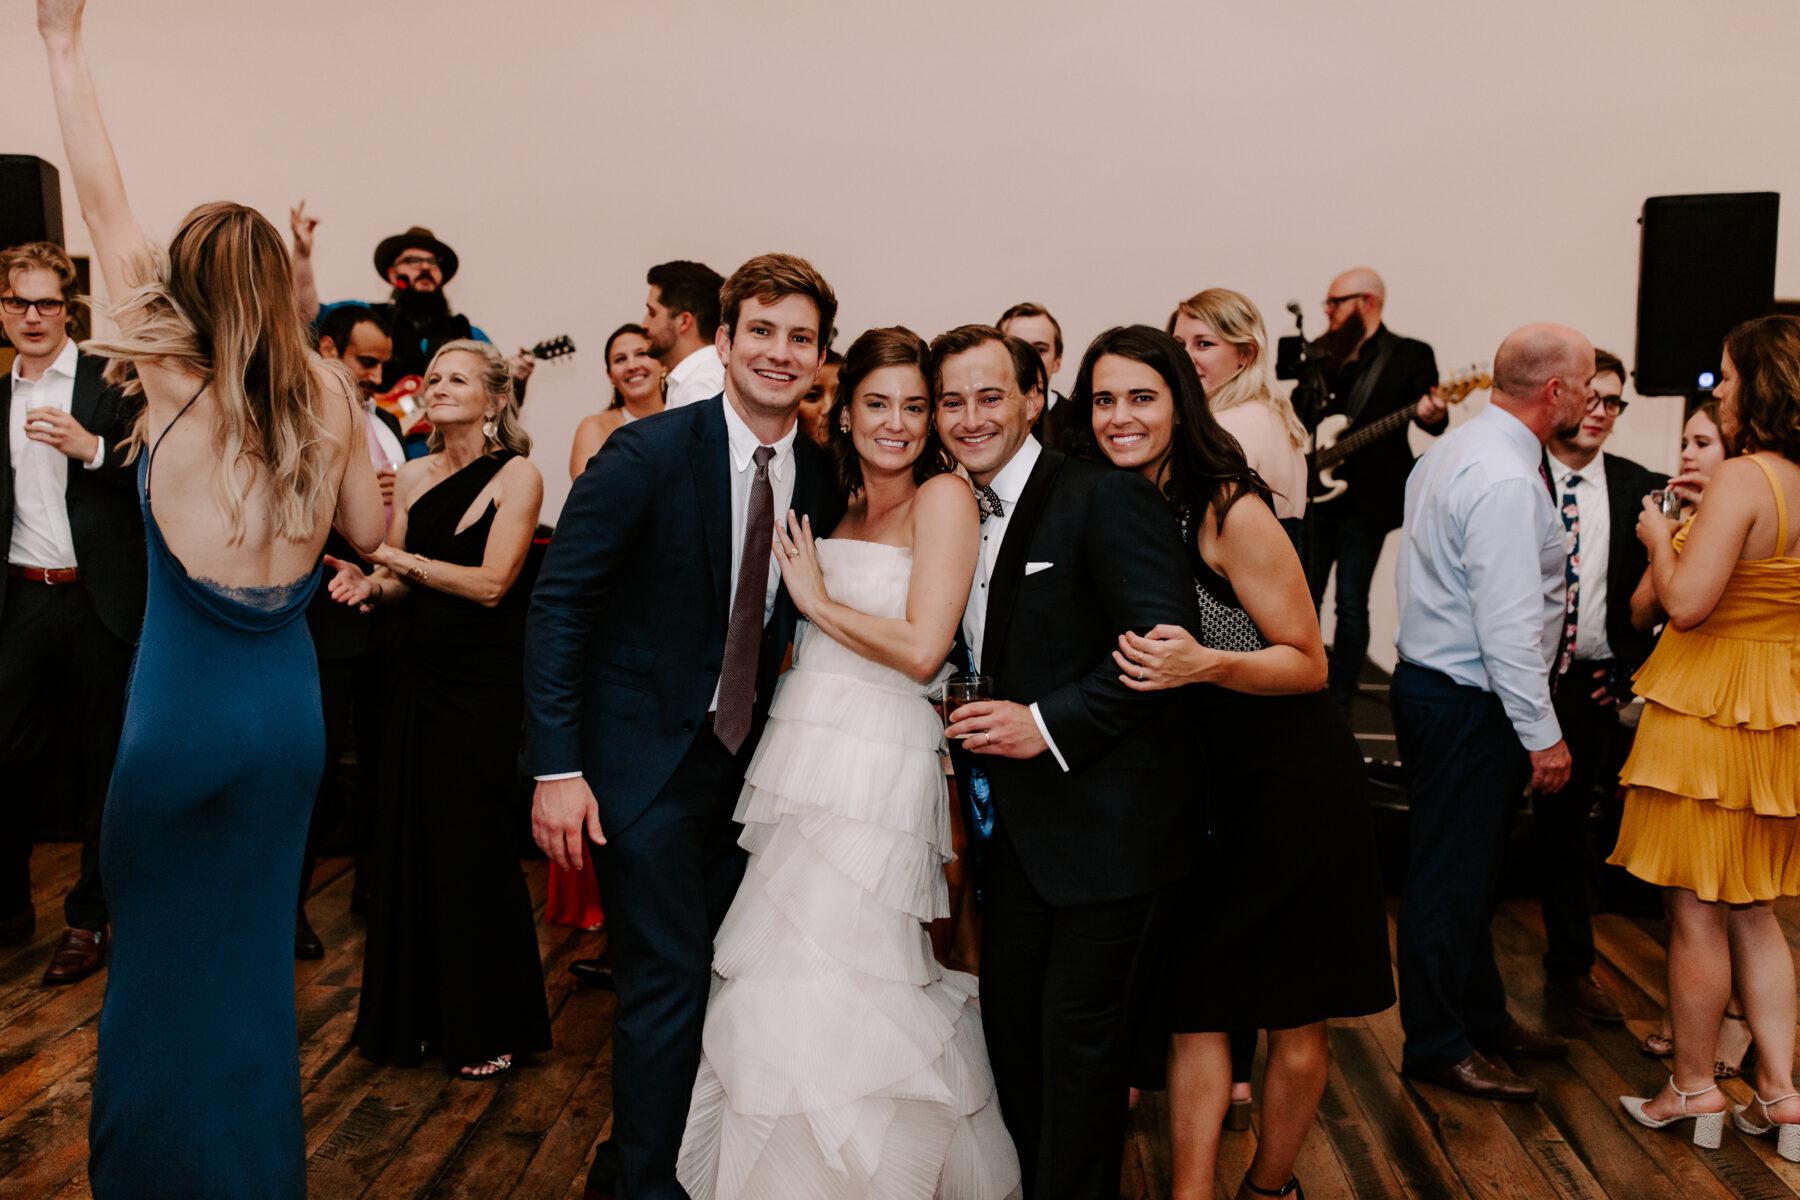 Music filled wedding at The Cordelle | Nashville Bride Guide